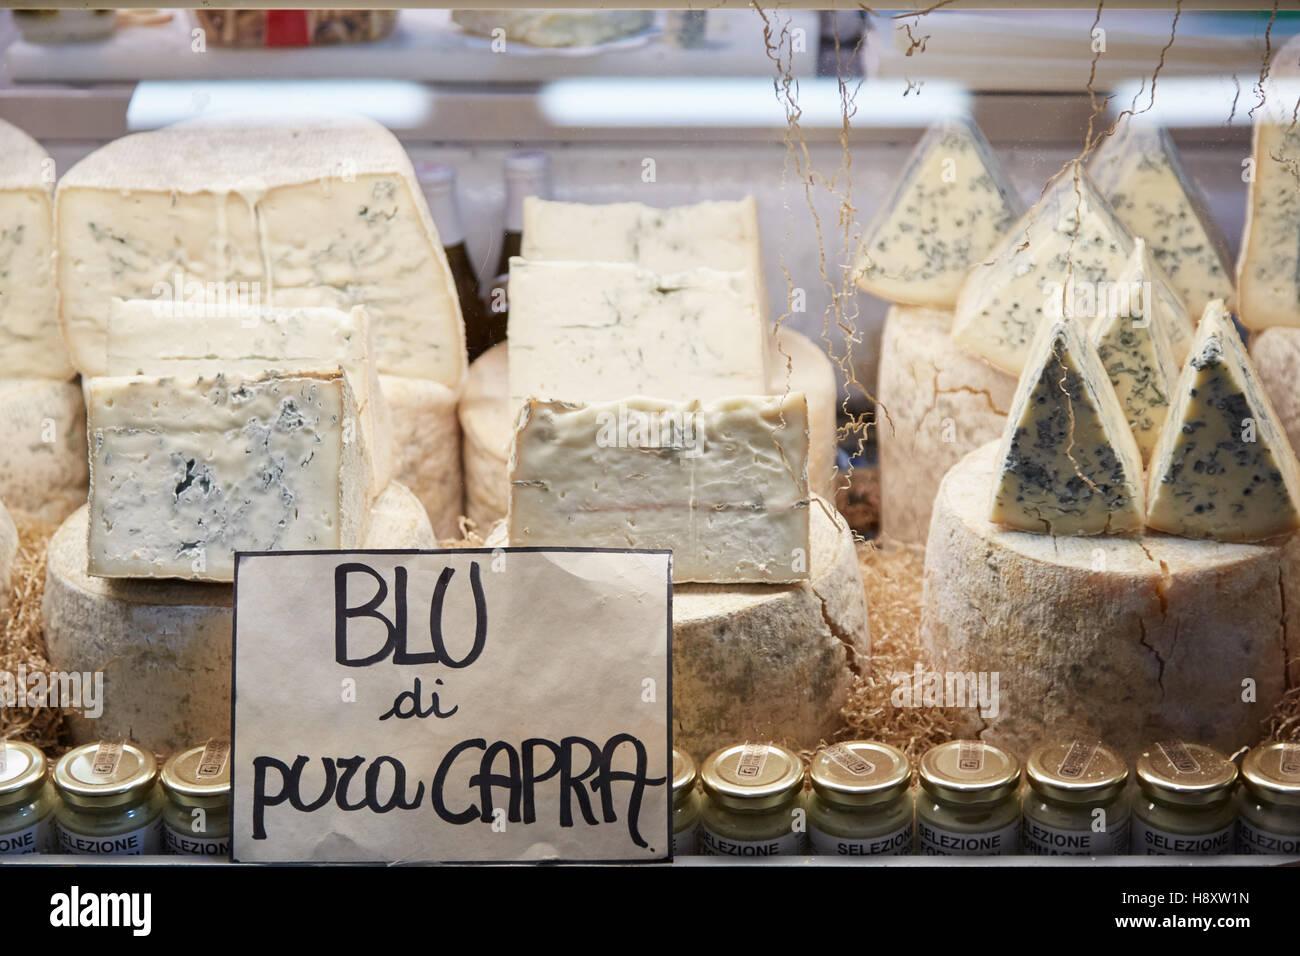 Il Blu dei formaggi di capra in vendita durante il Bianco di Alba Fiera del Tartufo di Alba, Italia Immagini Stock